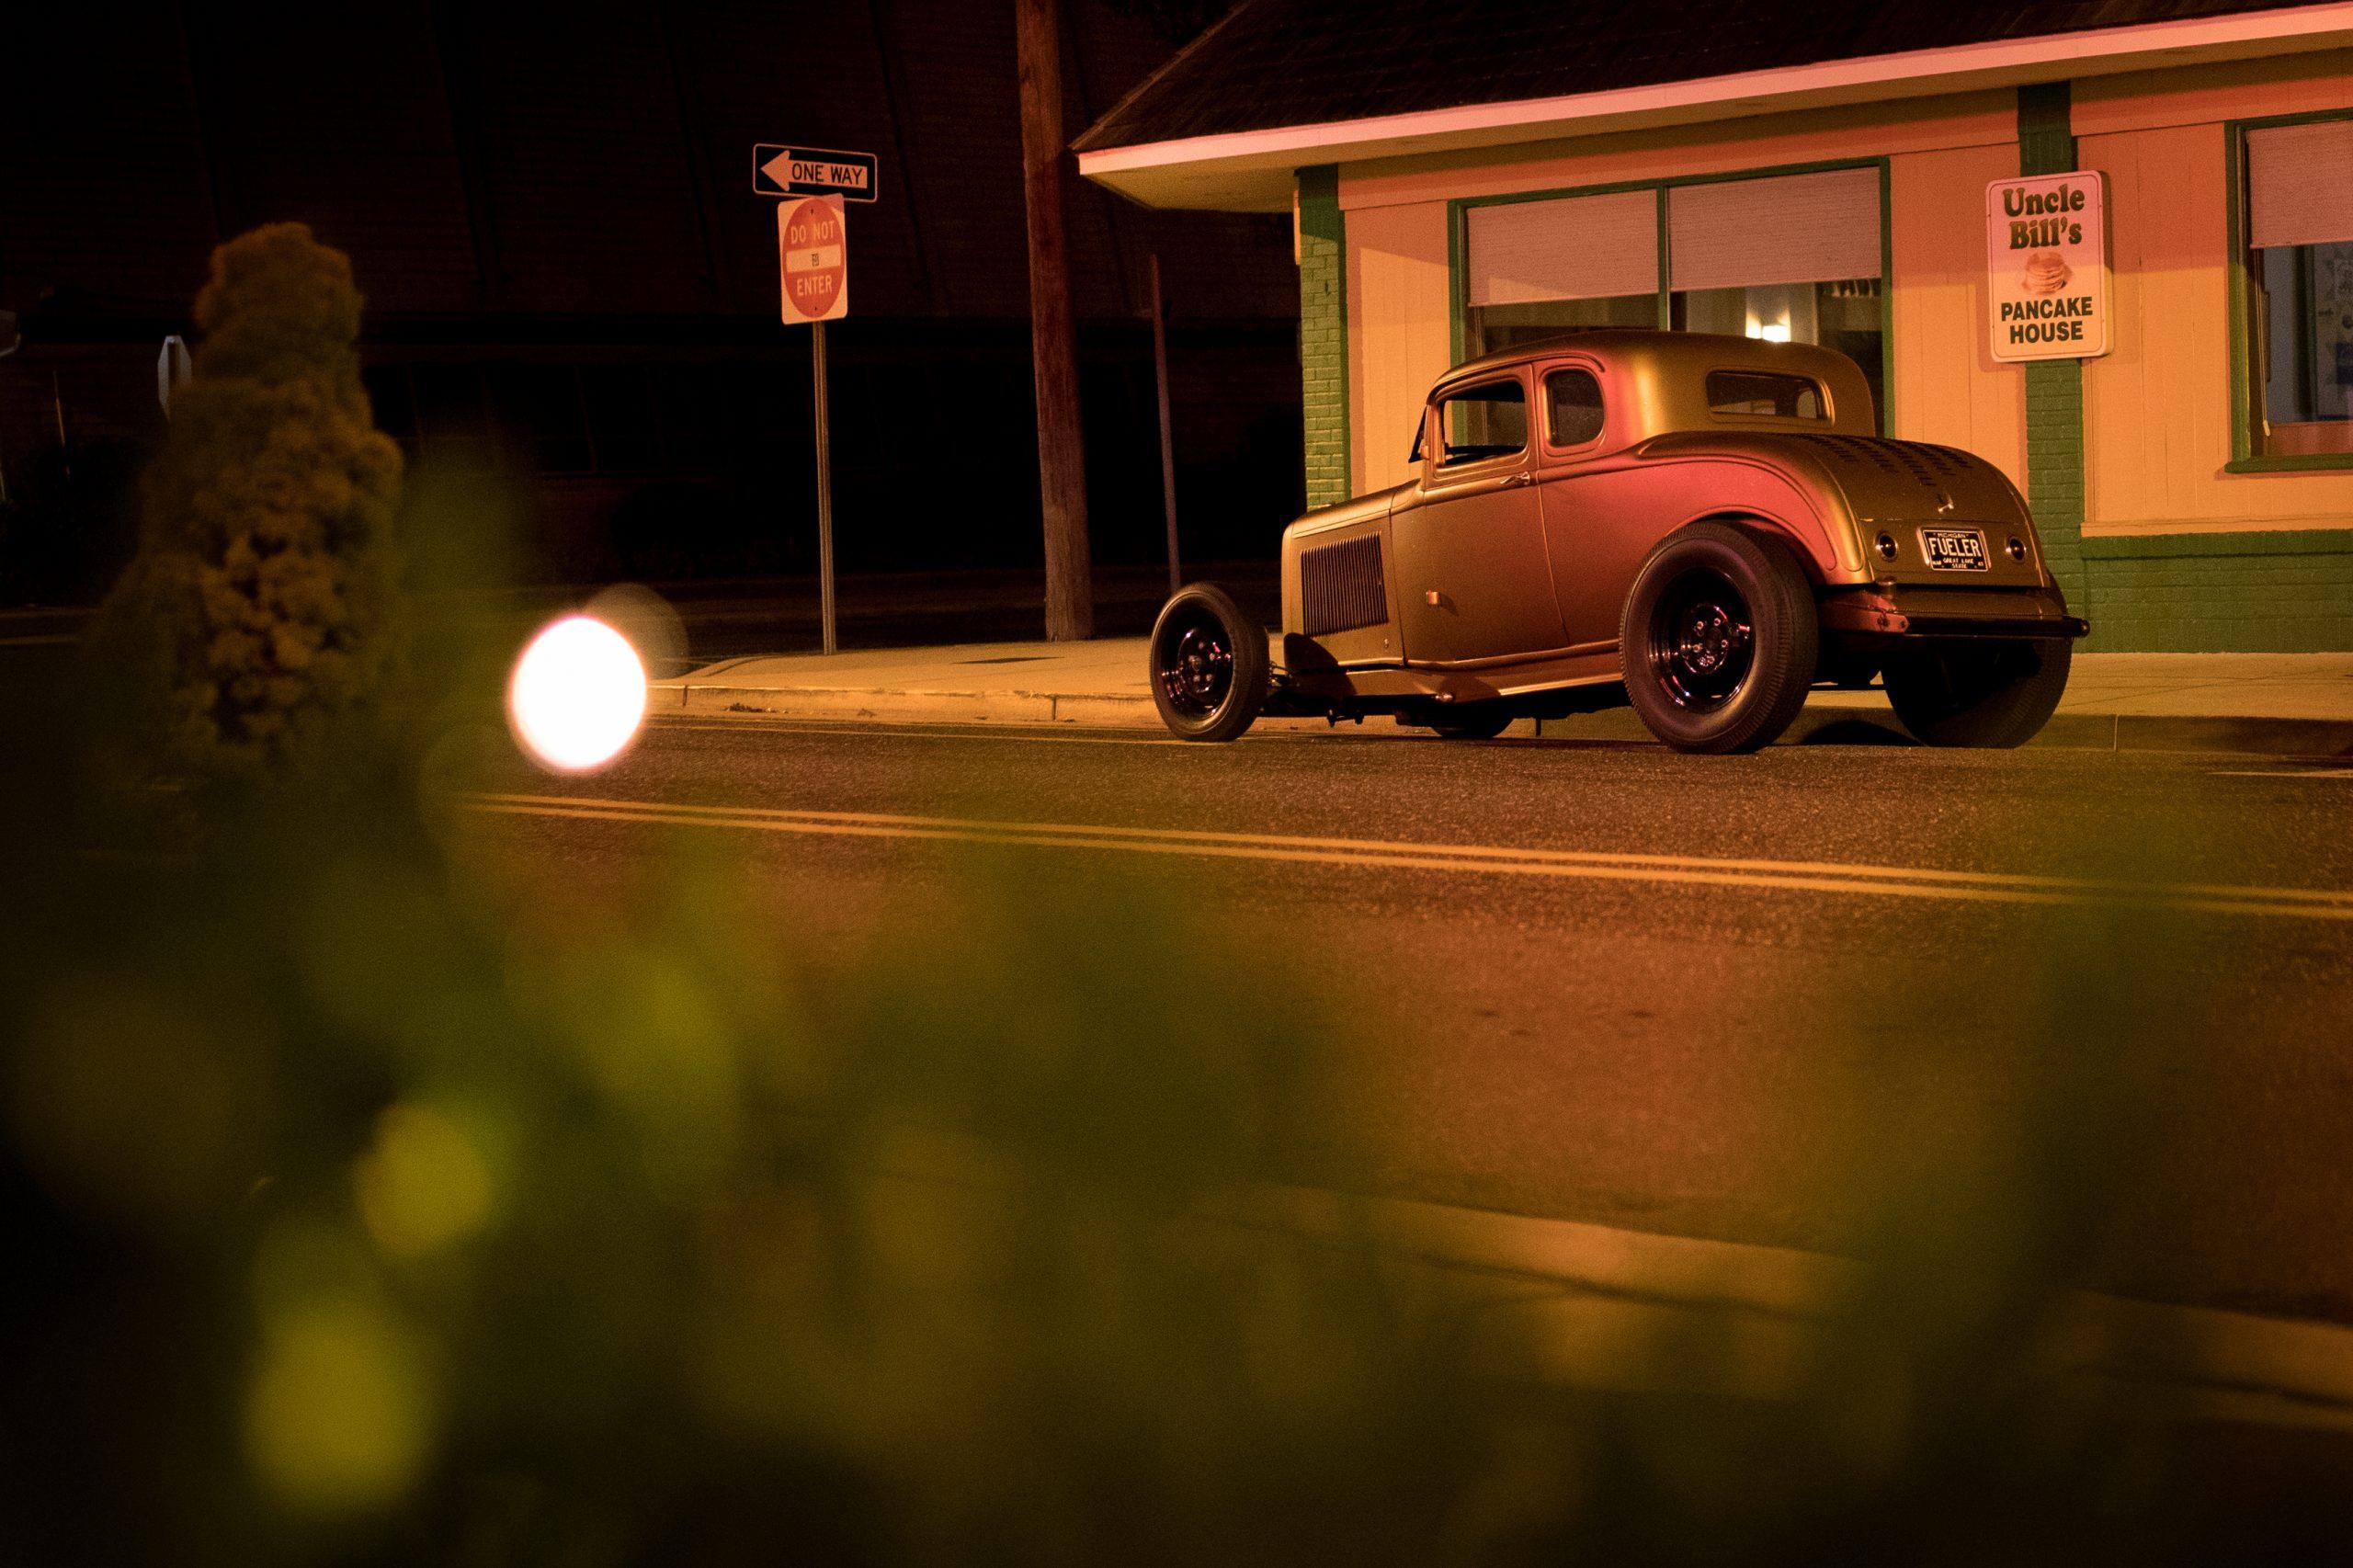 hot rod pancake house at night